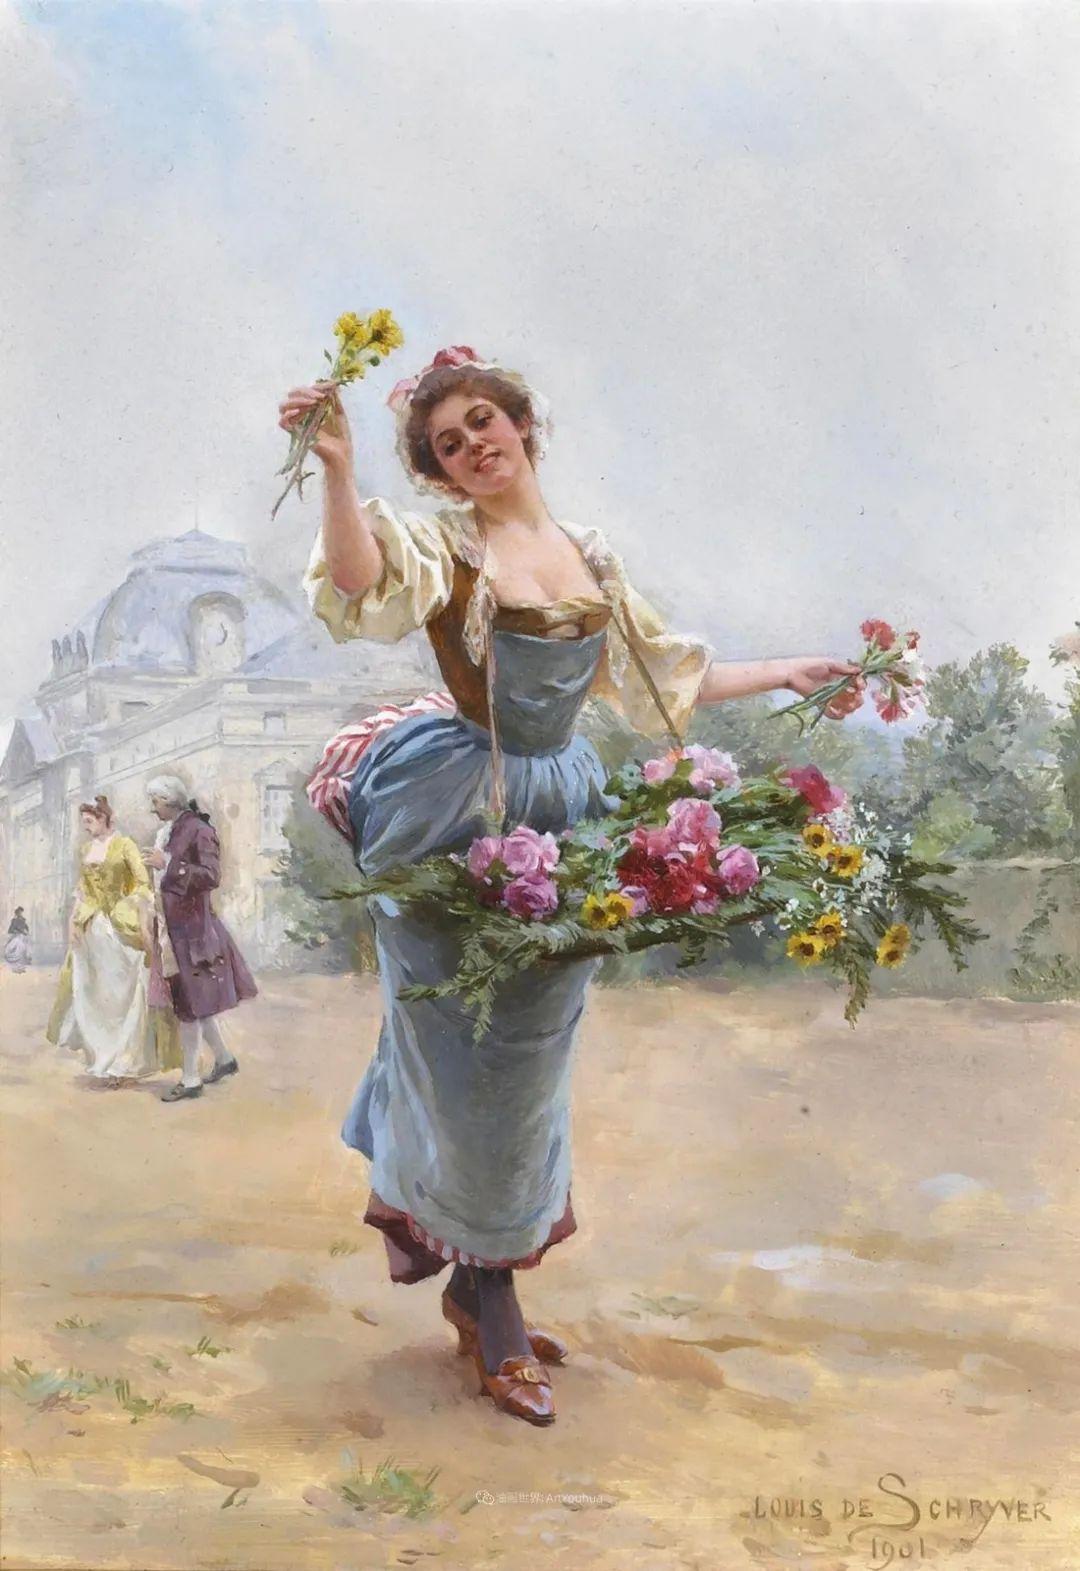 饱蘸亮丽色彩的画笔,描绘着百年前的卖花女郎!插图11